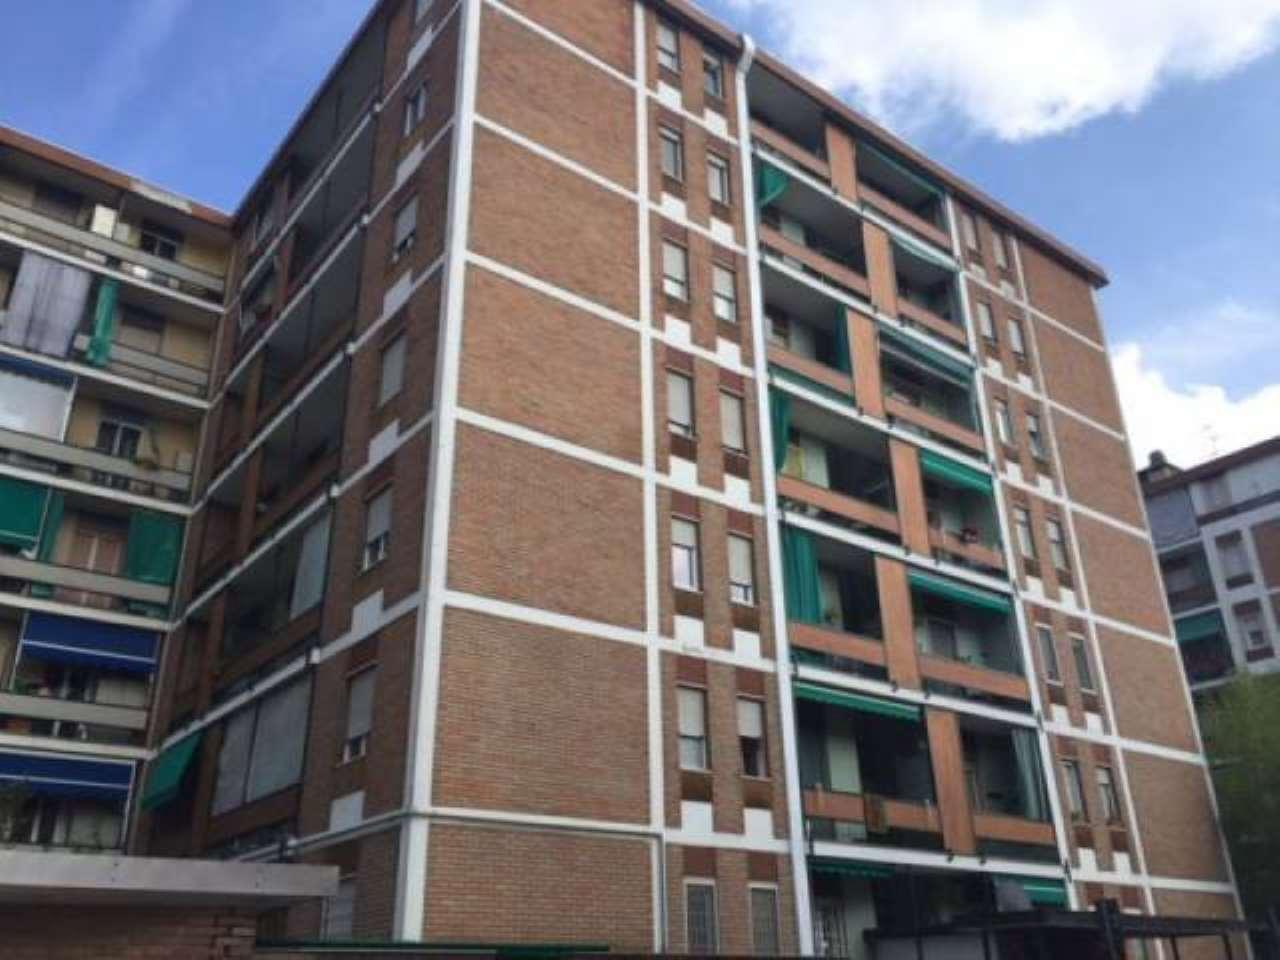 Appartamento in vendita a Alessandria, 3 locali, prezzo € 65.000 | CambioCasa.it